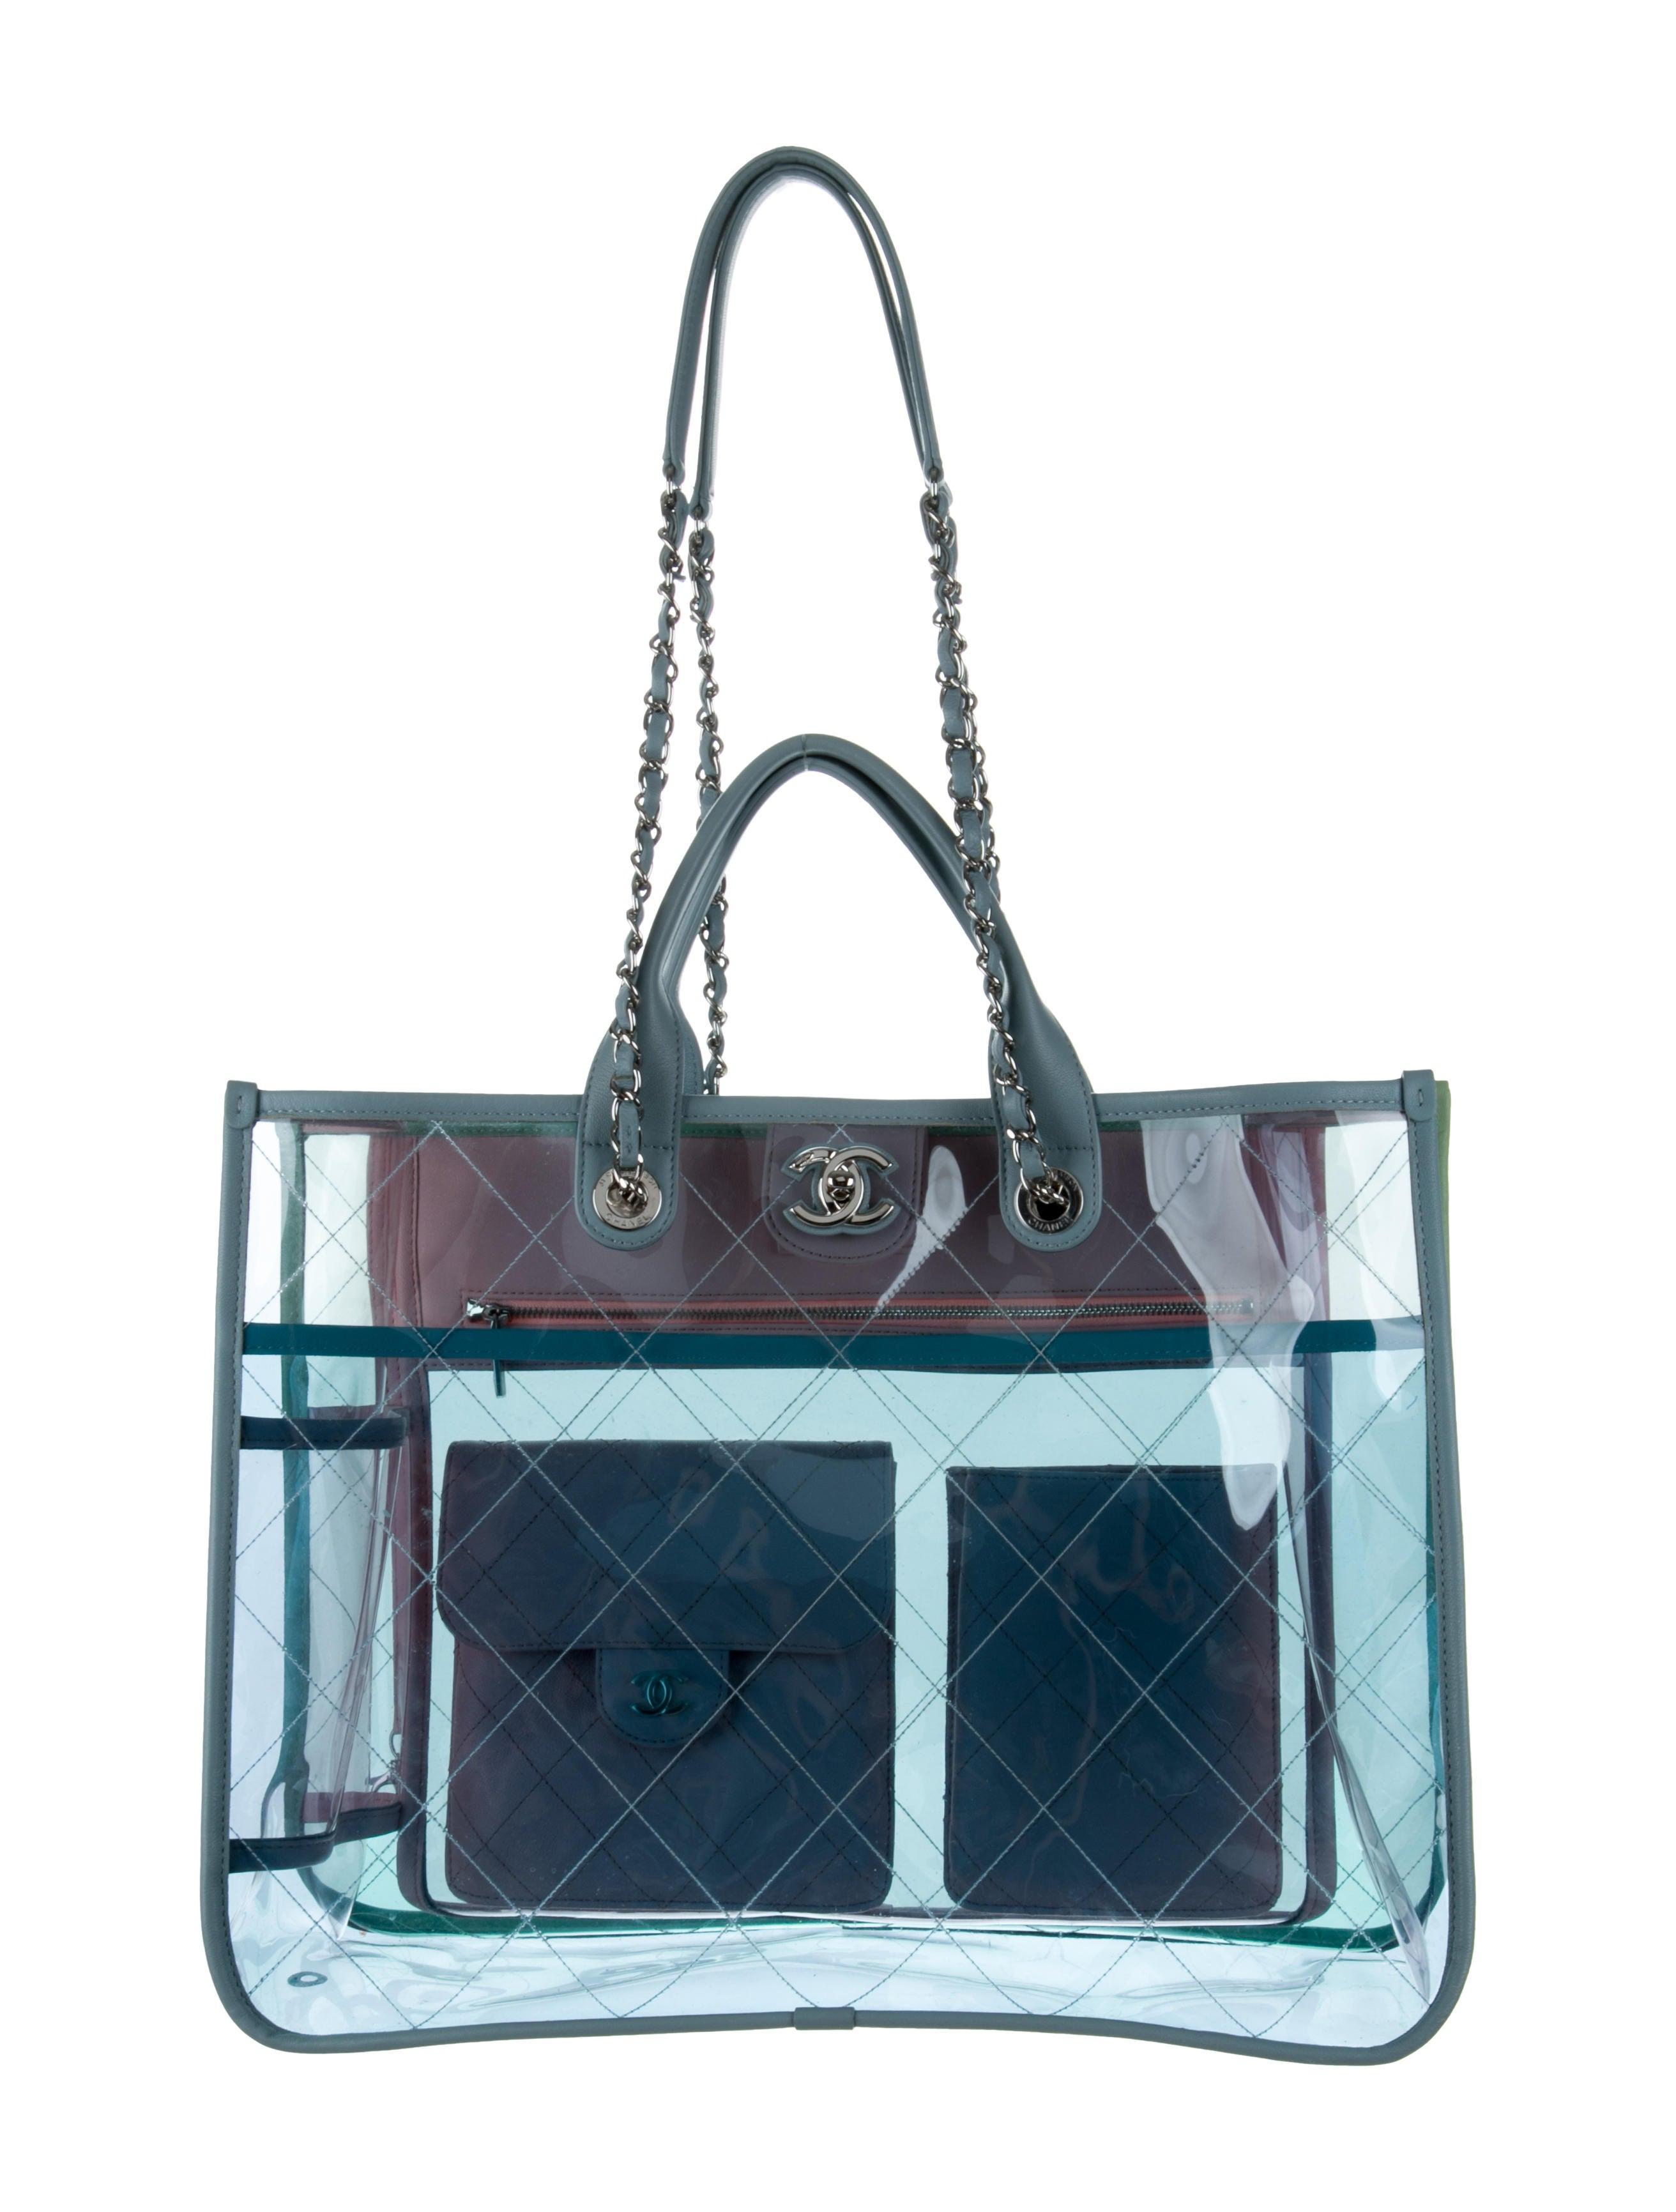 b32b71f34d23 Chanel 2018 Large Coco Splash Tote - Handbags - CHA264041